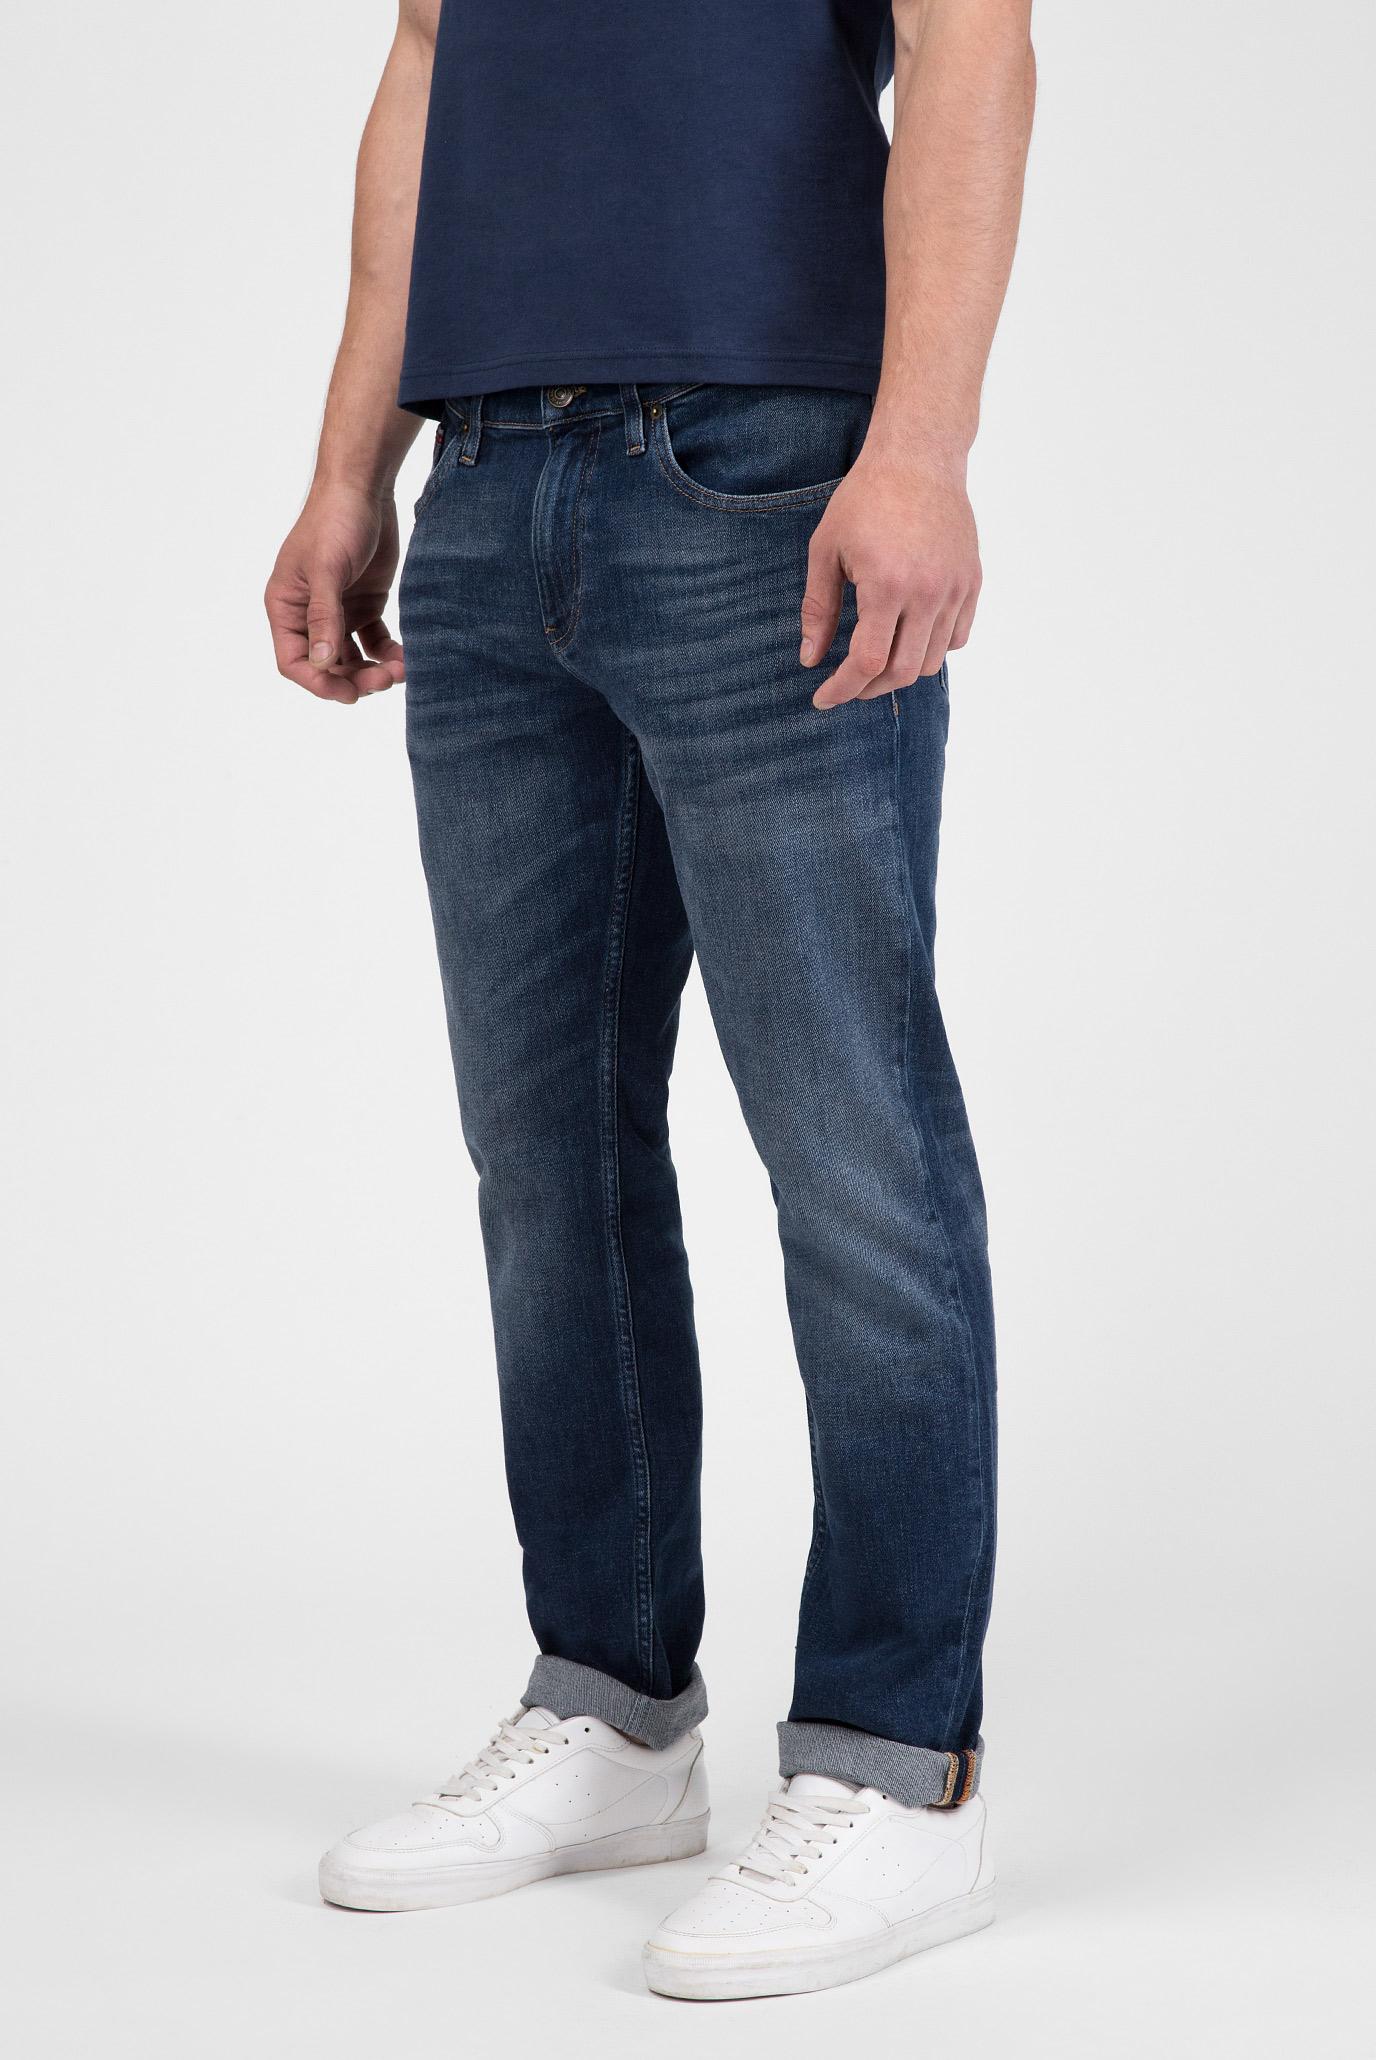 Купить Мужские синие джинсы Original Straight RYAN Tommy Hilfiger Tommy Hilfiger DM0DM04901 – Киев, Украина. Цены в интернет магазине MD Fashion